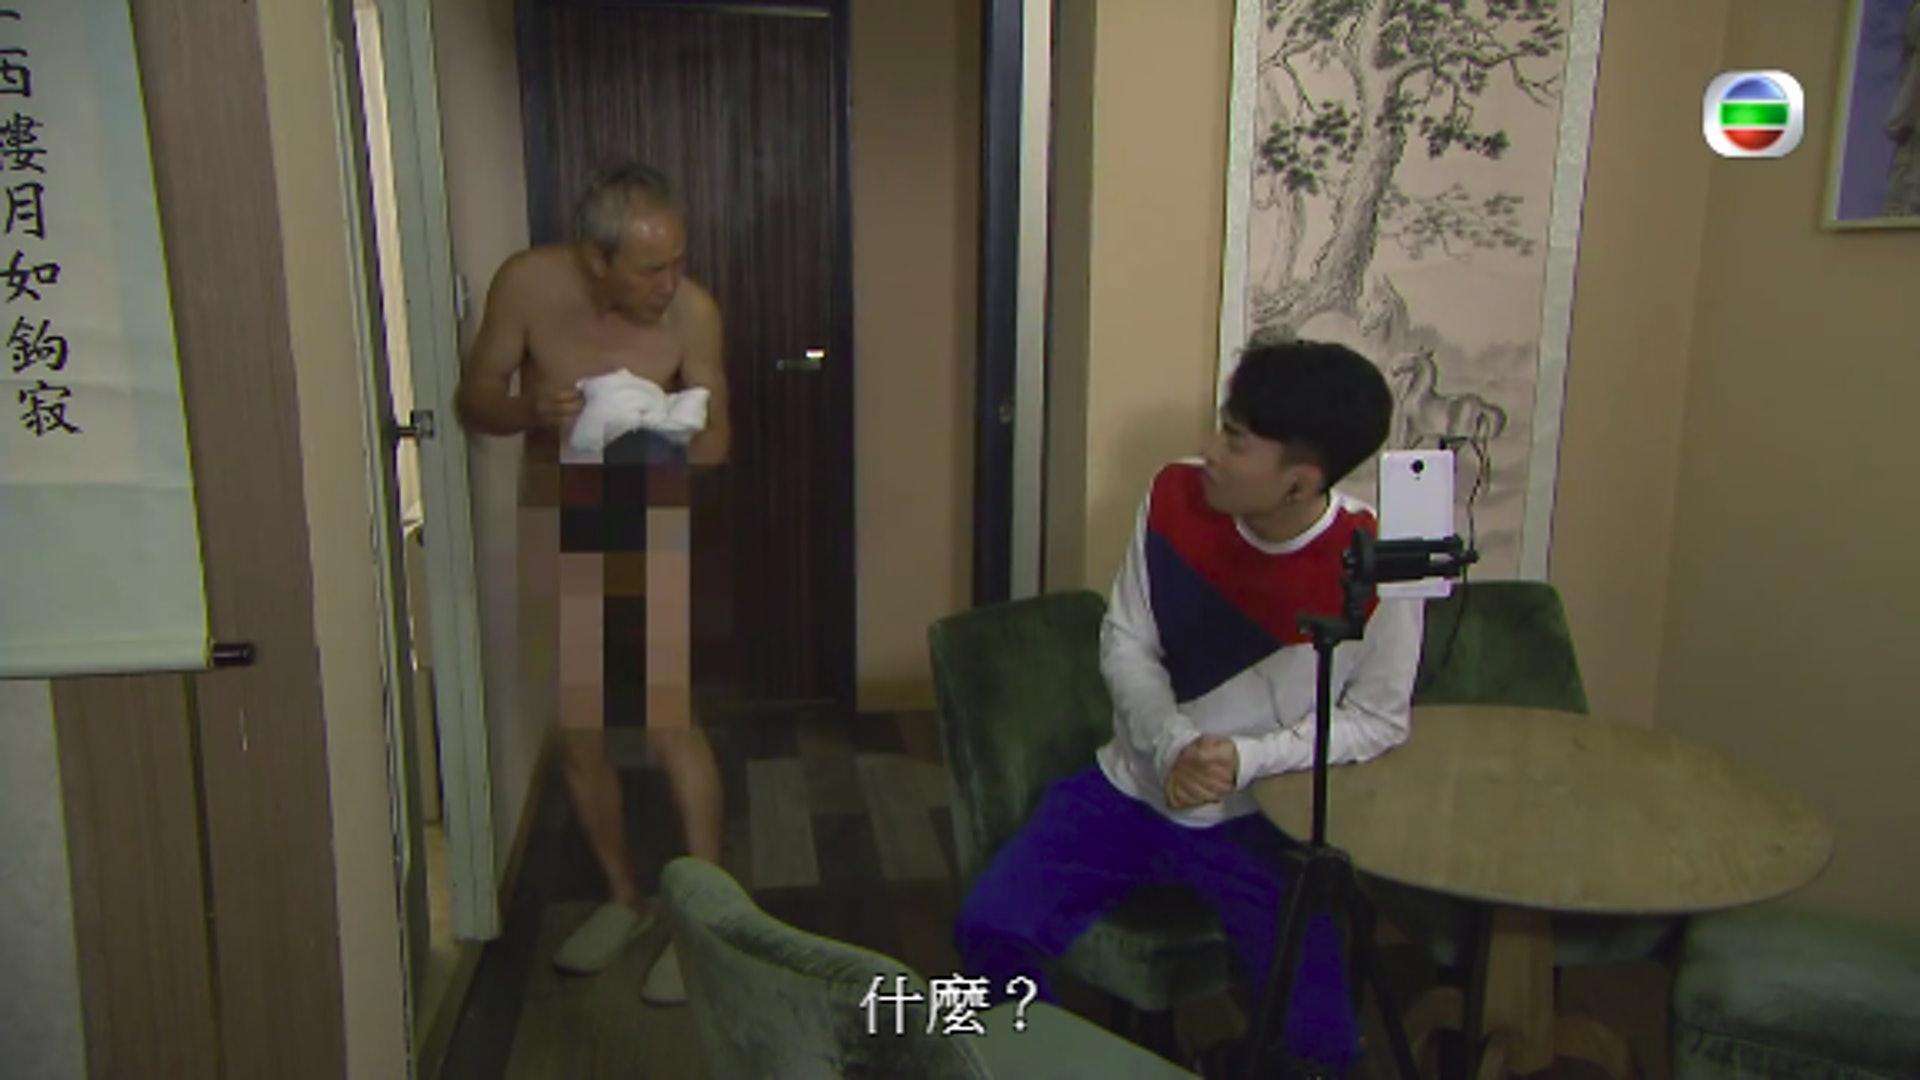 陳榮峻為安仔獻出好多第一次,連佢自己都話希望對手係靚女。